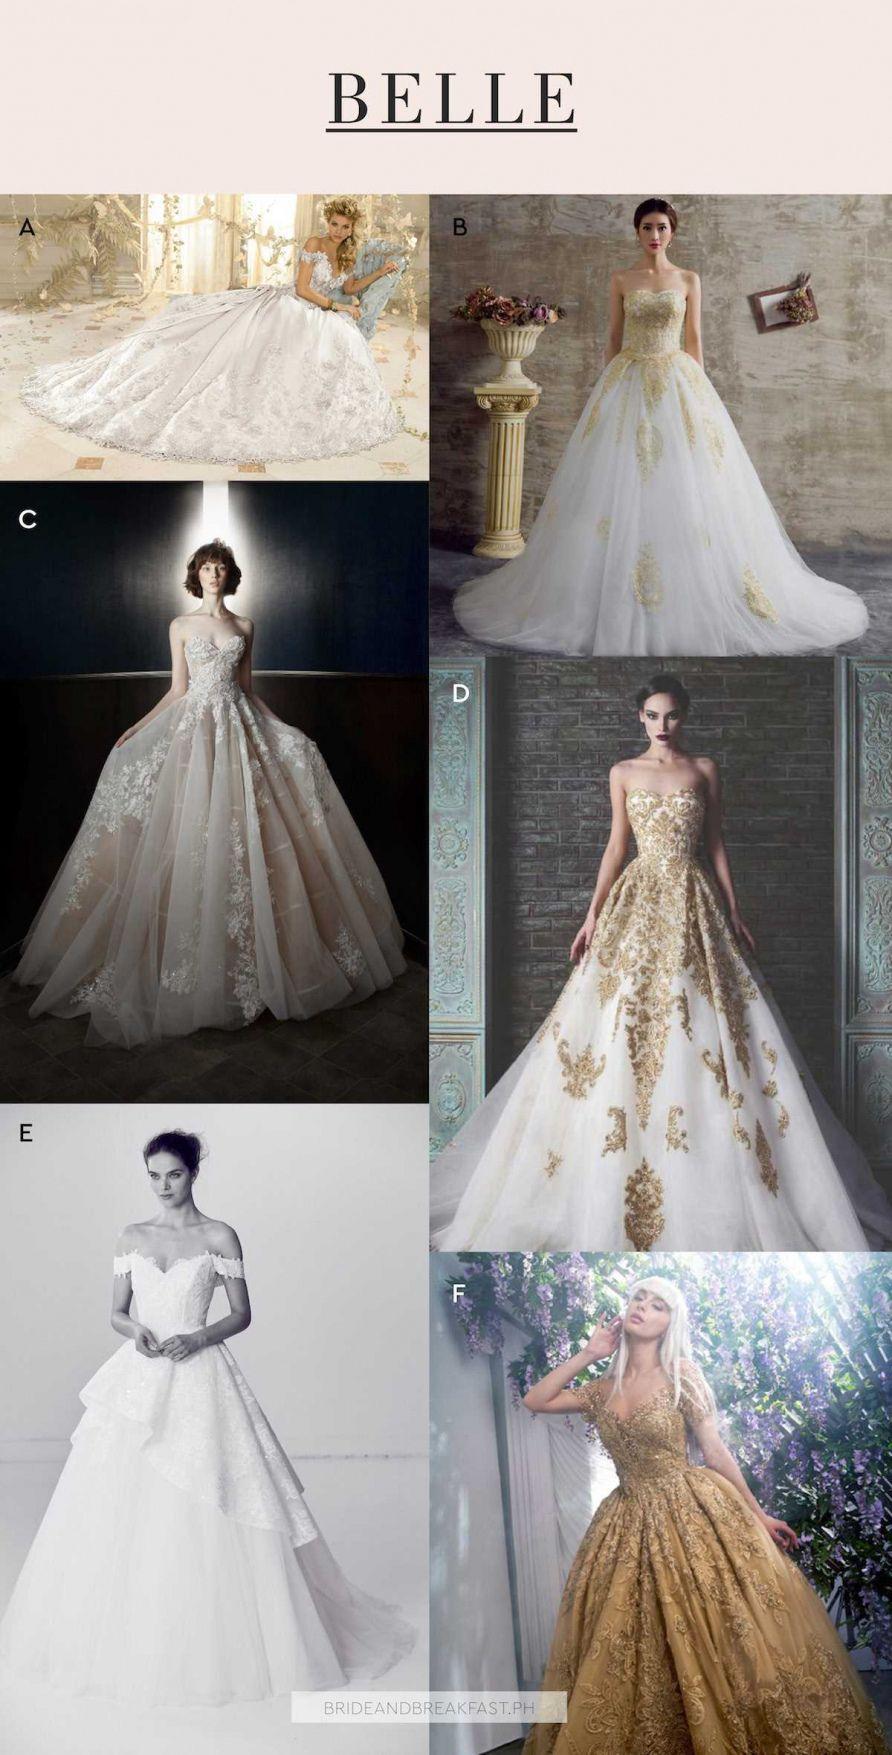 99+ Disney Princess Inspired Wedding Dresses - How to Dress for A ...